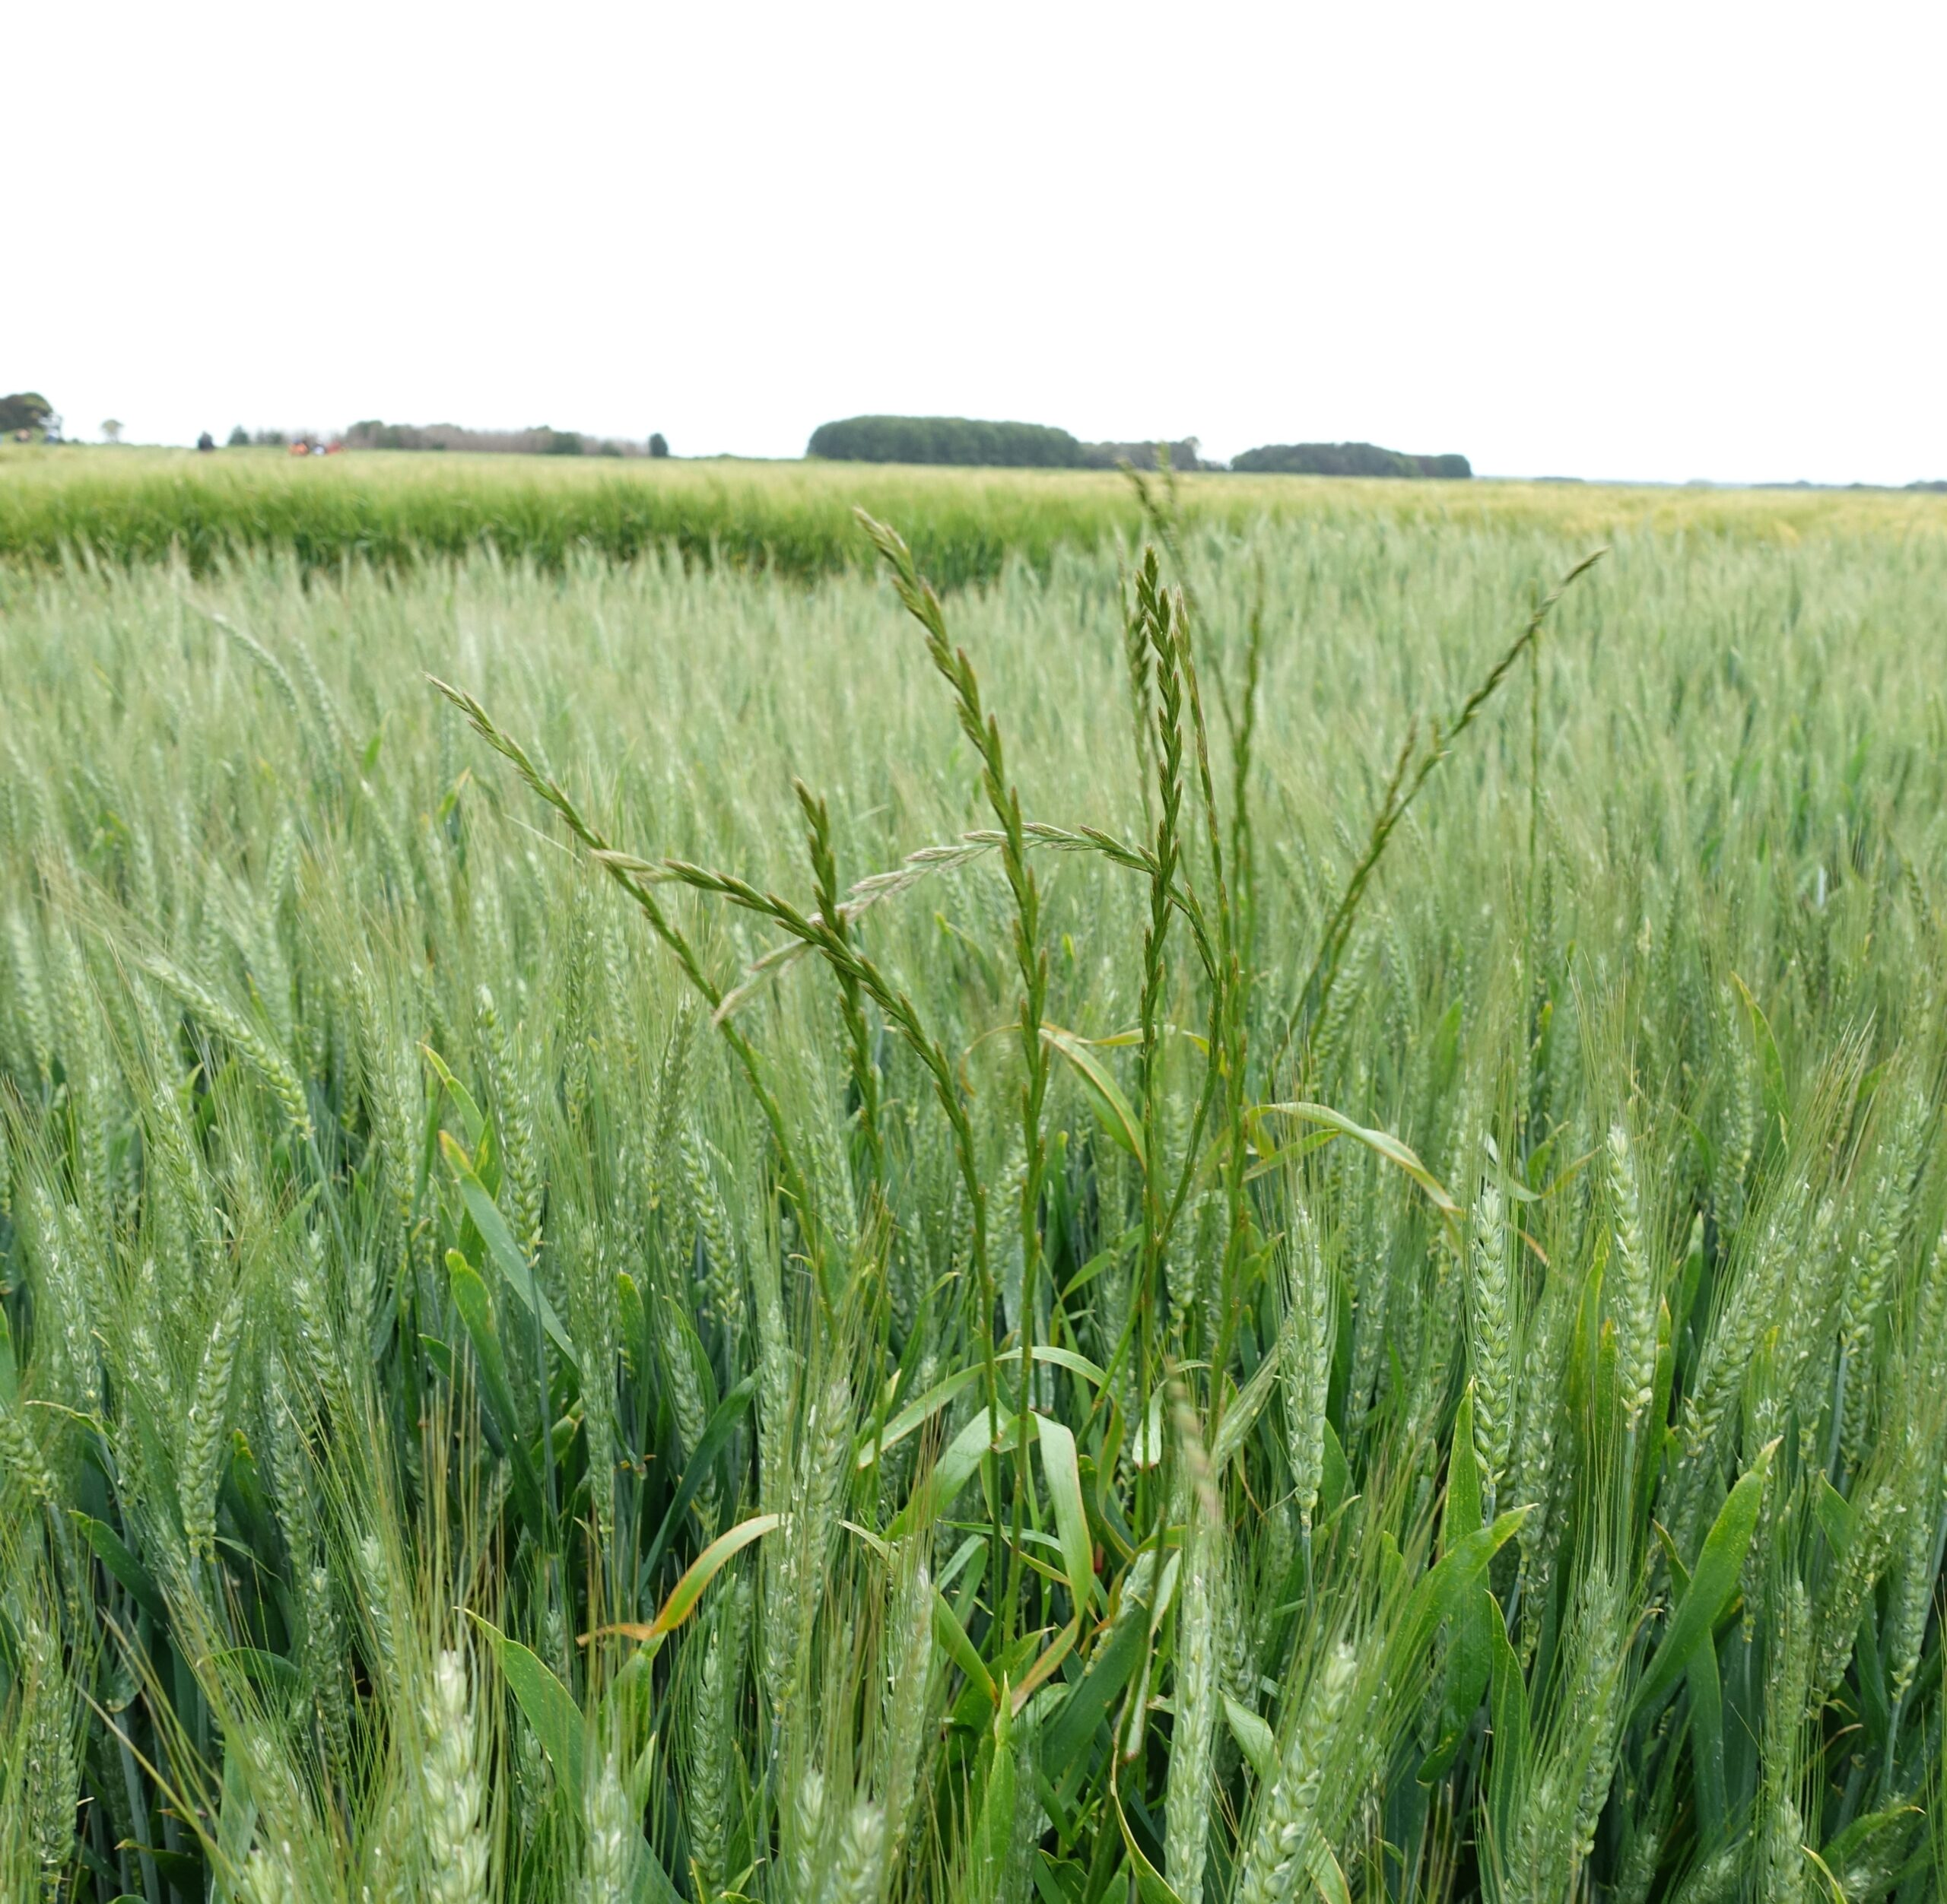 Fig 16 Ryegrass in Crop